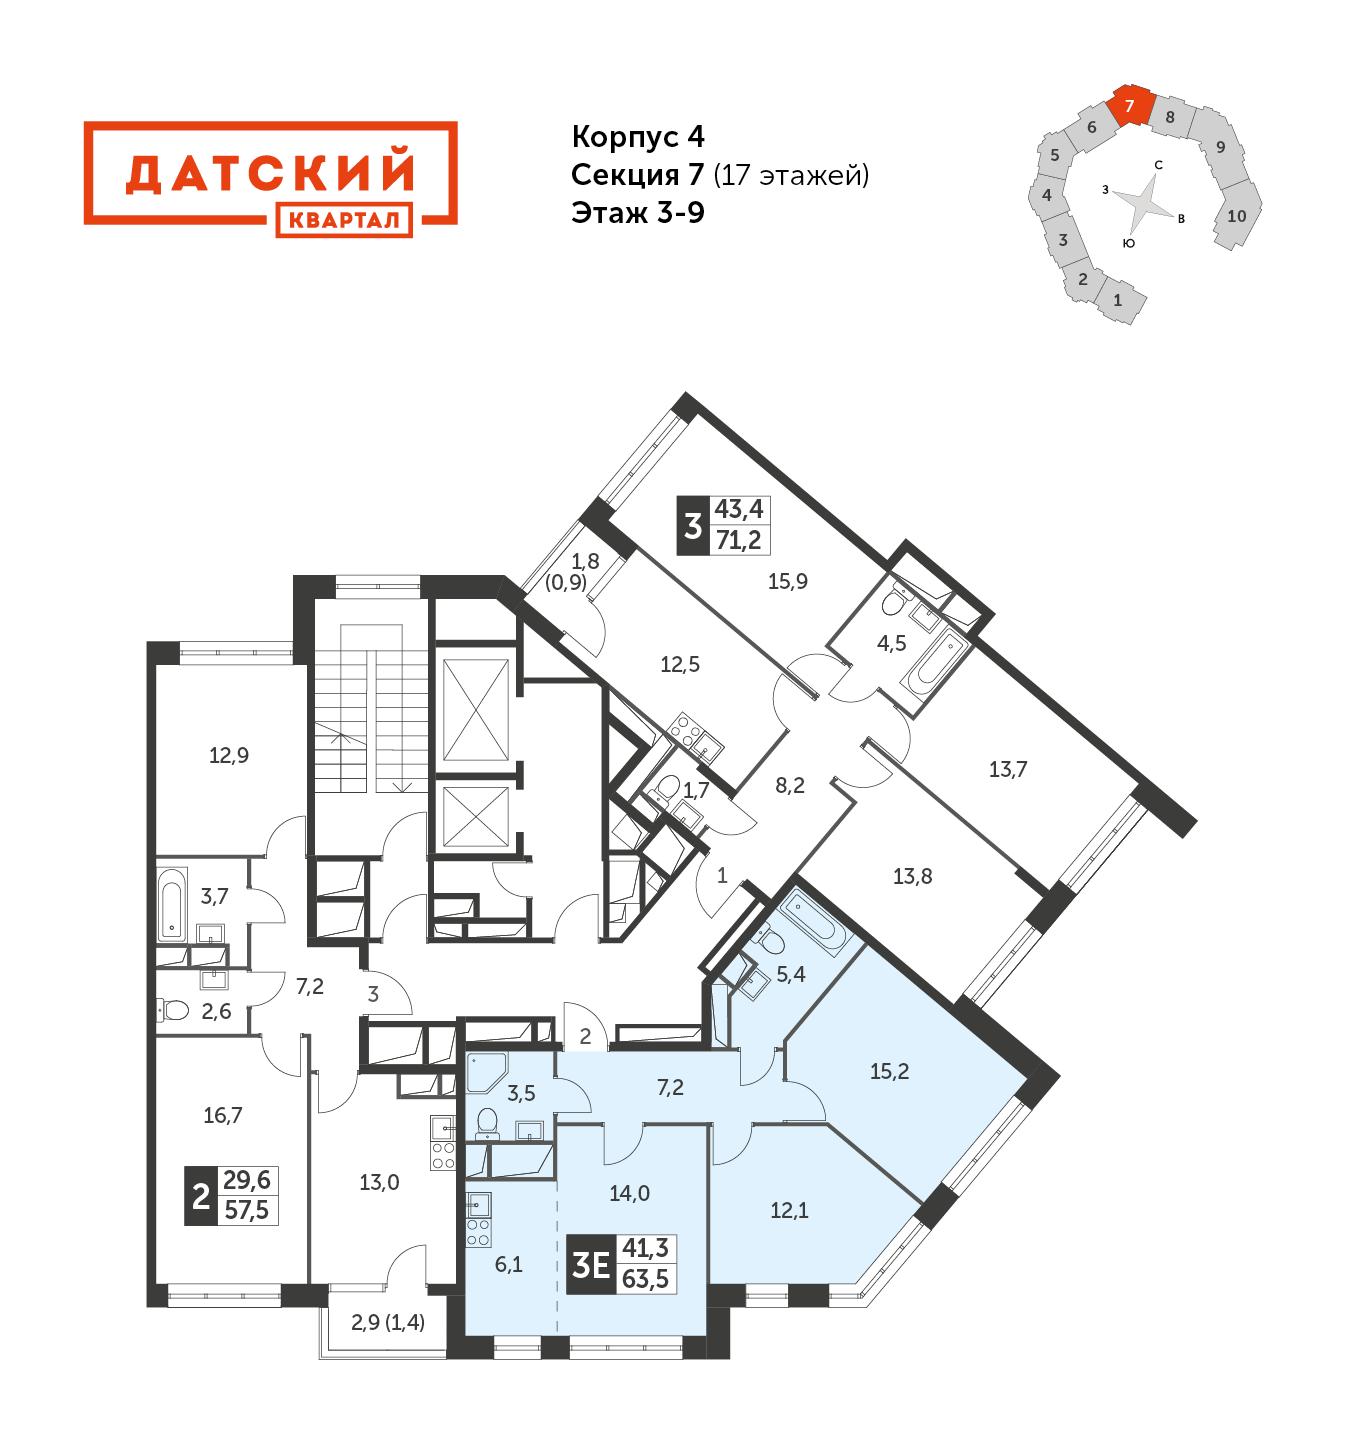 3-комнатная квартира, 63.5м² за 5,7 млн руб.